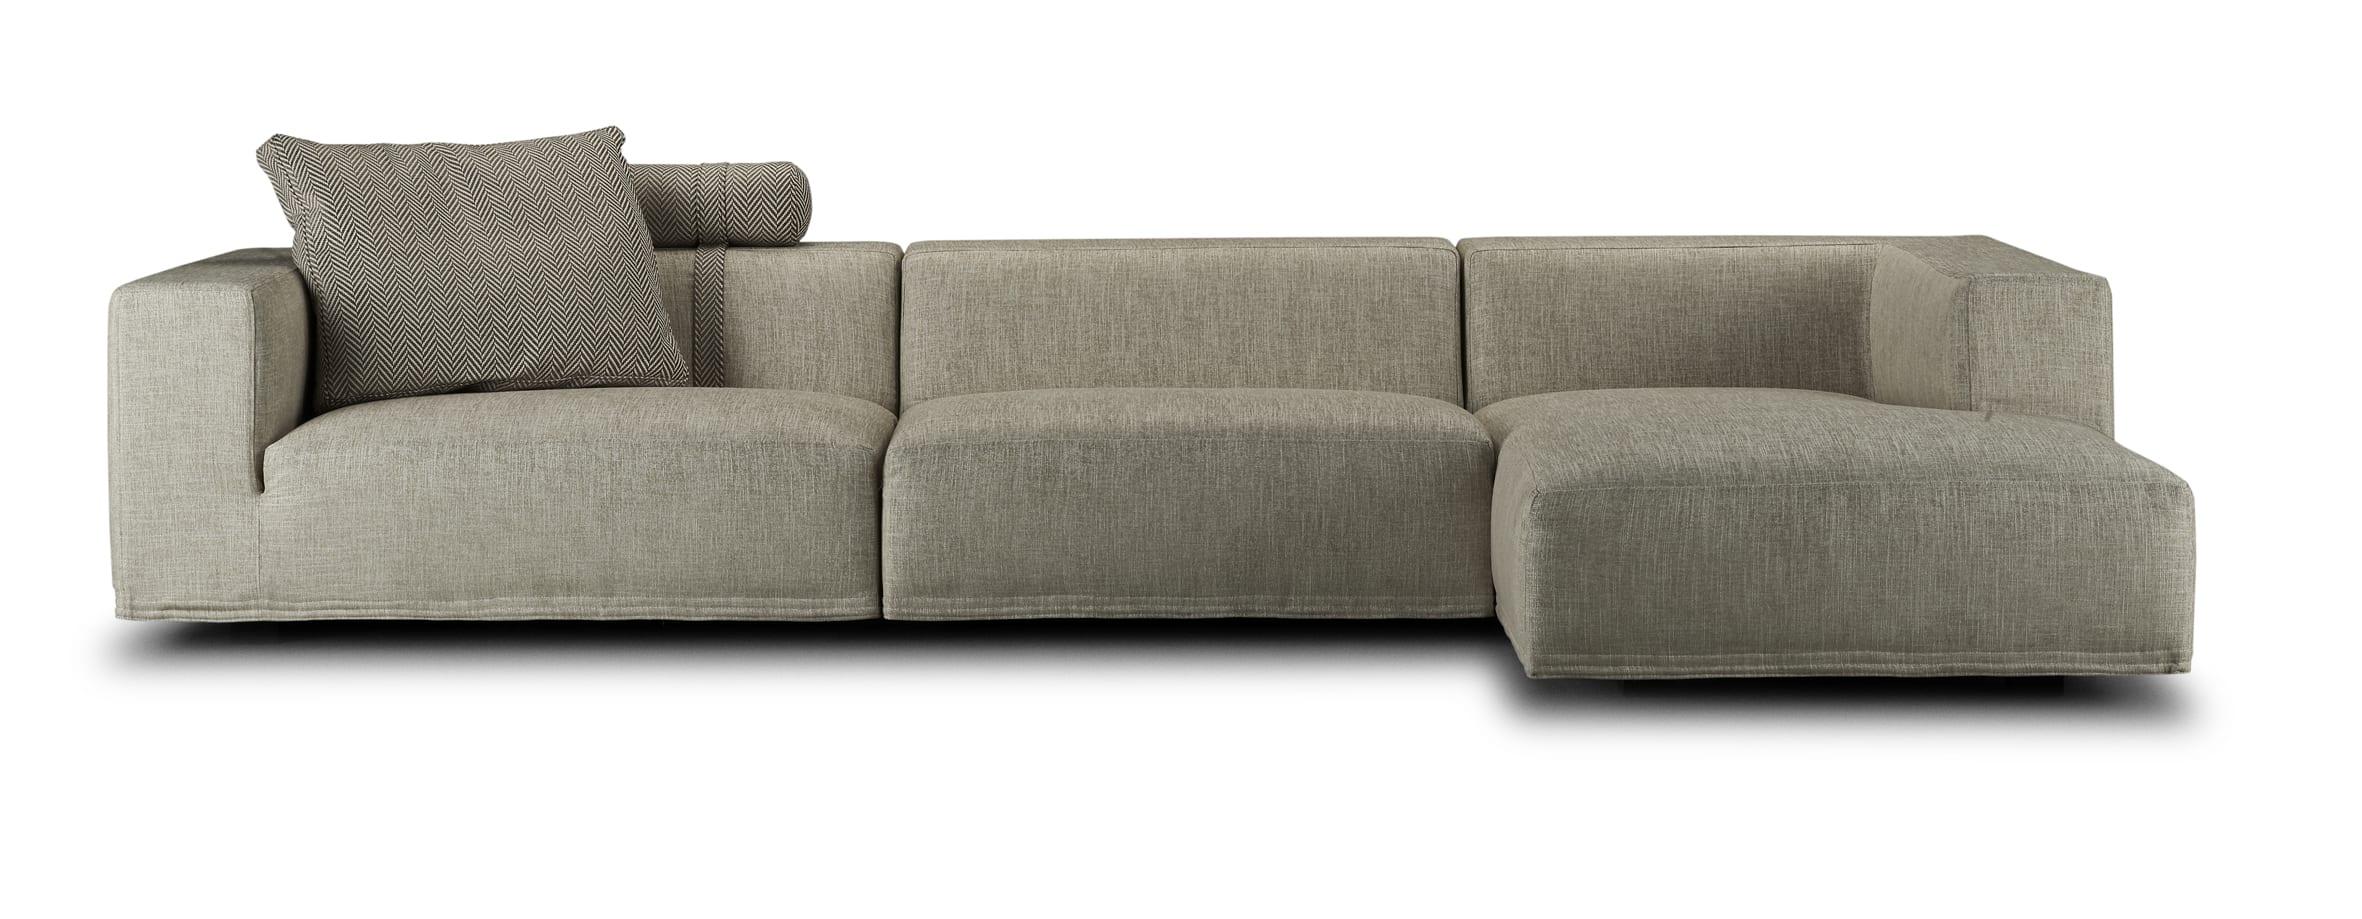 Baseline sofa Eilersen